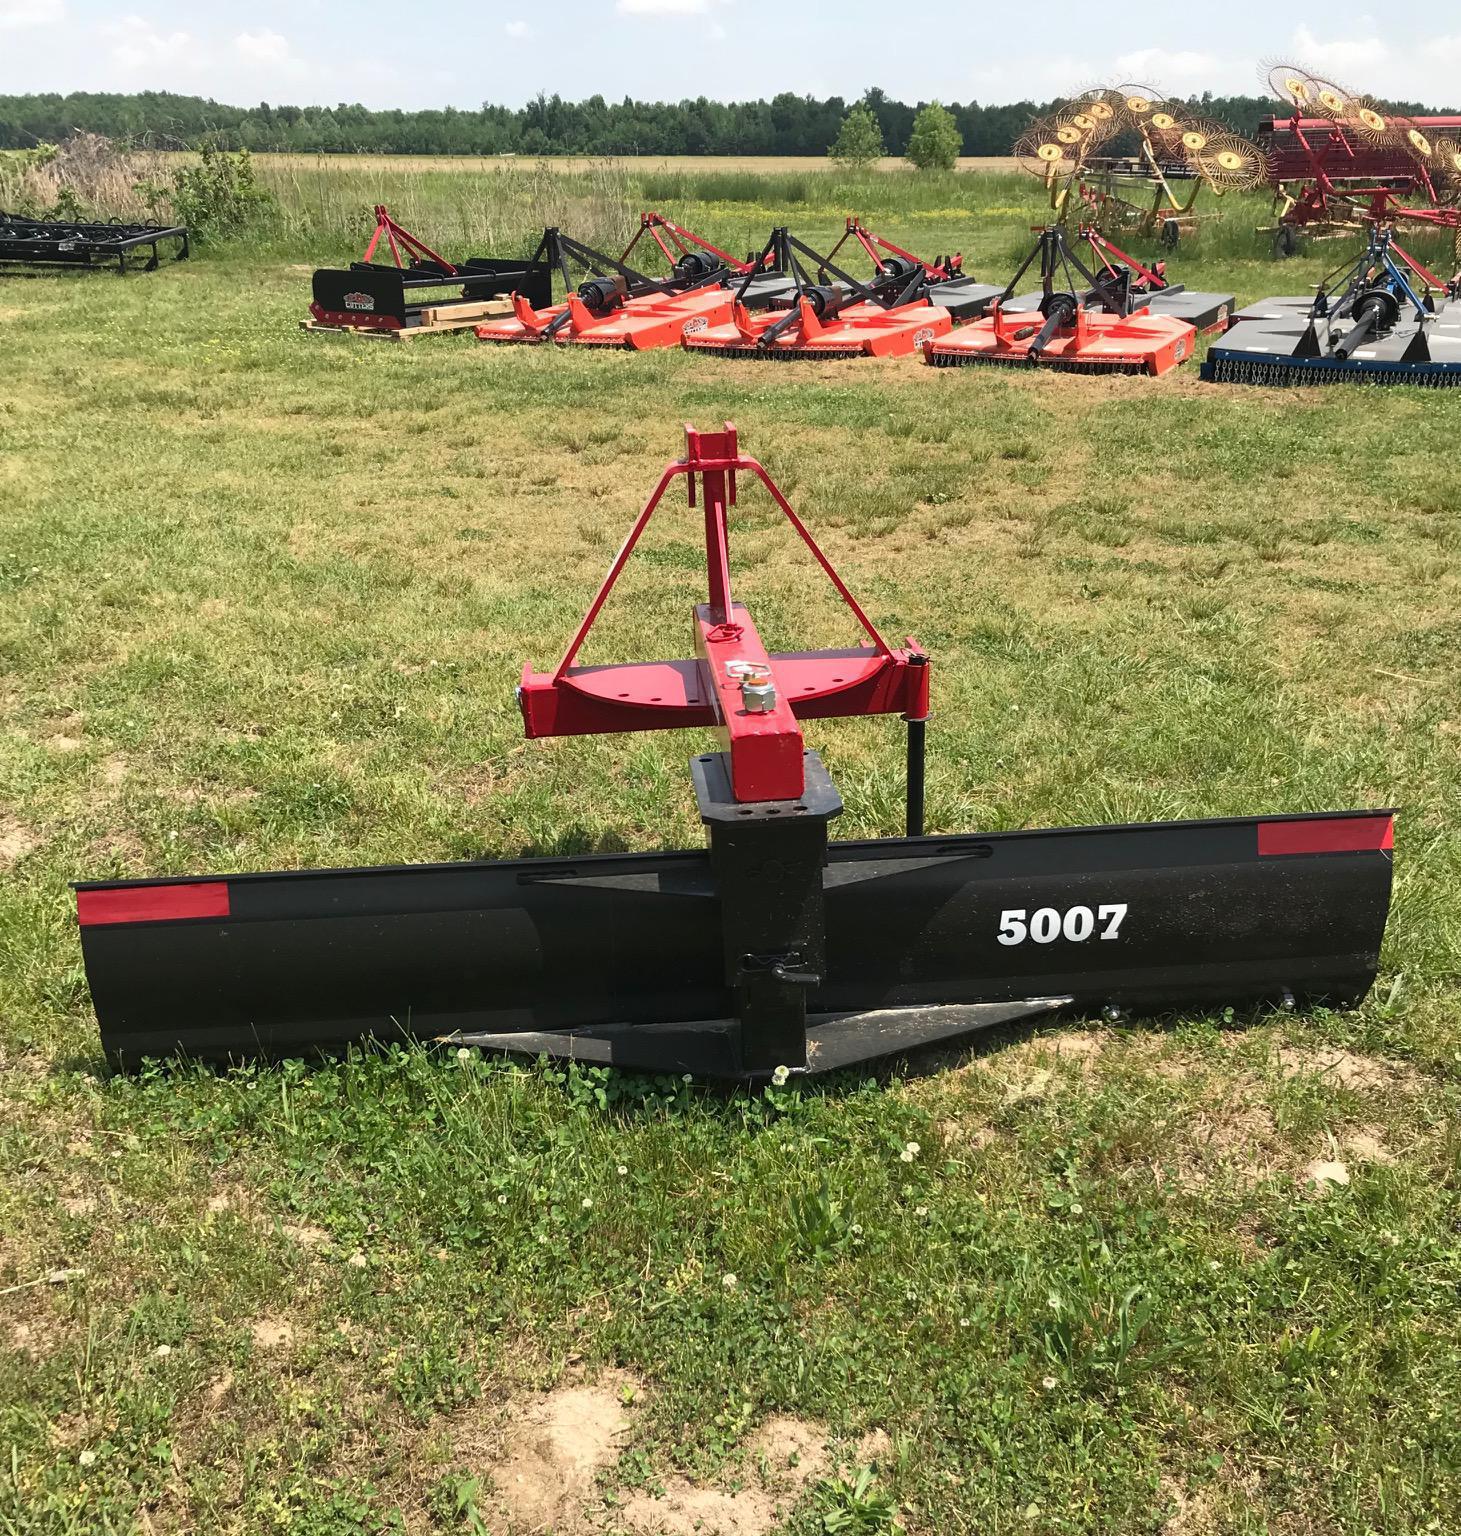 2018 Bad Boy MAGNUM KOHLER KT725 4800 for sale in Poplar Bluff, MO ...